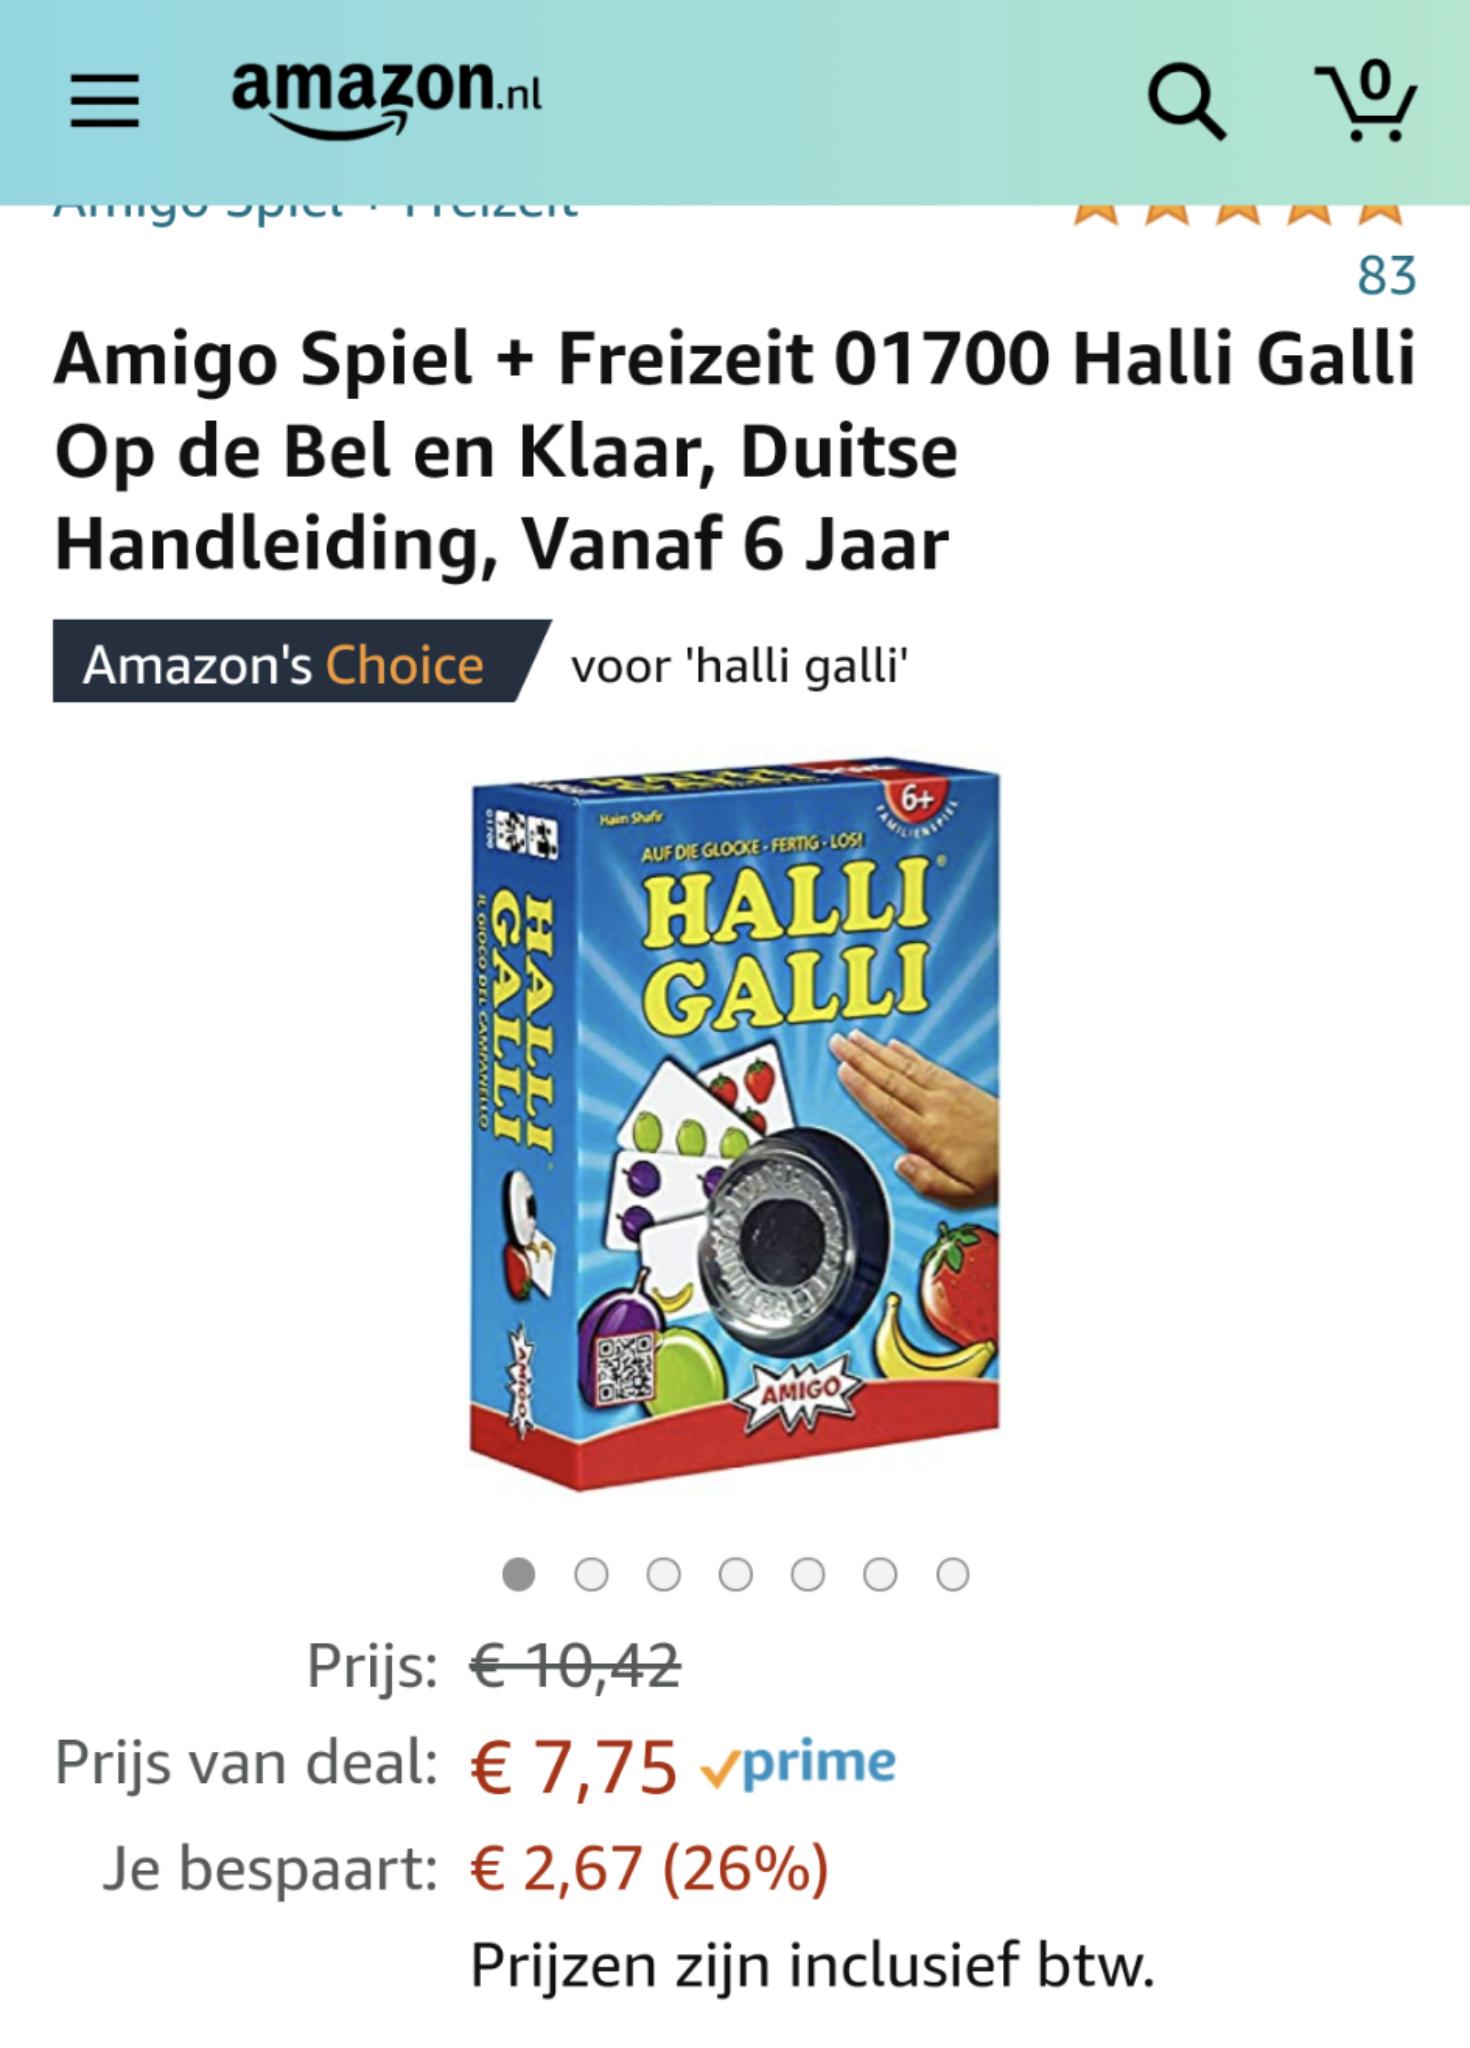 Fantastisch gezelschapsspel, Hali Gali voor bijna de helft @ Amazon